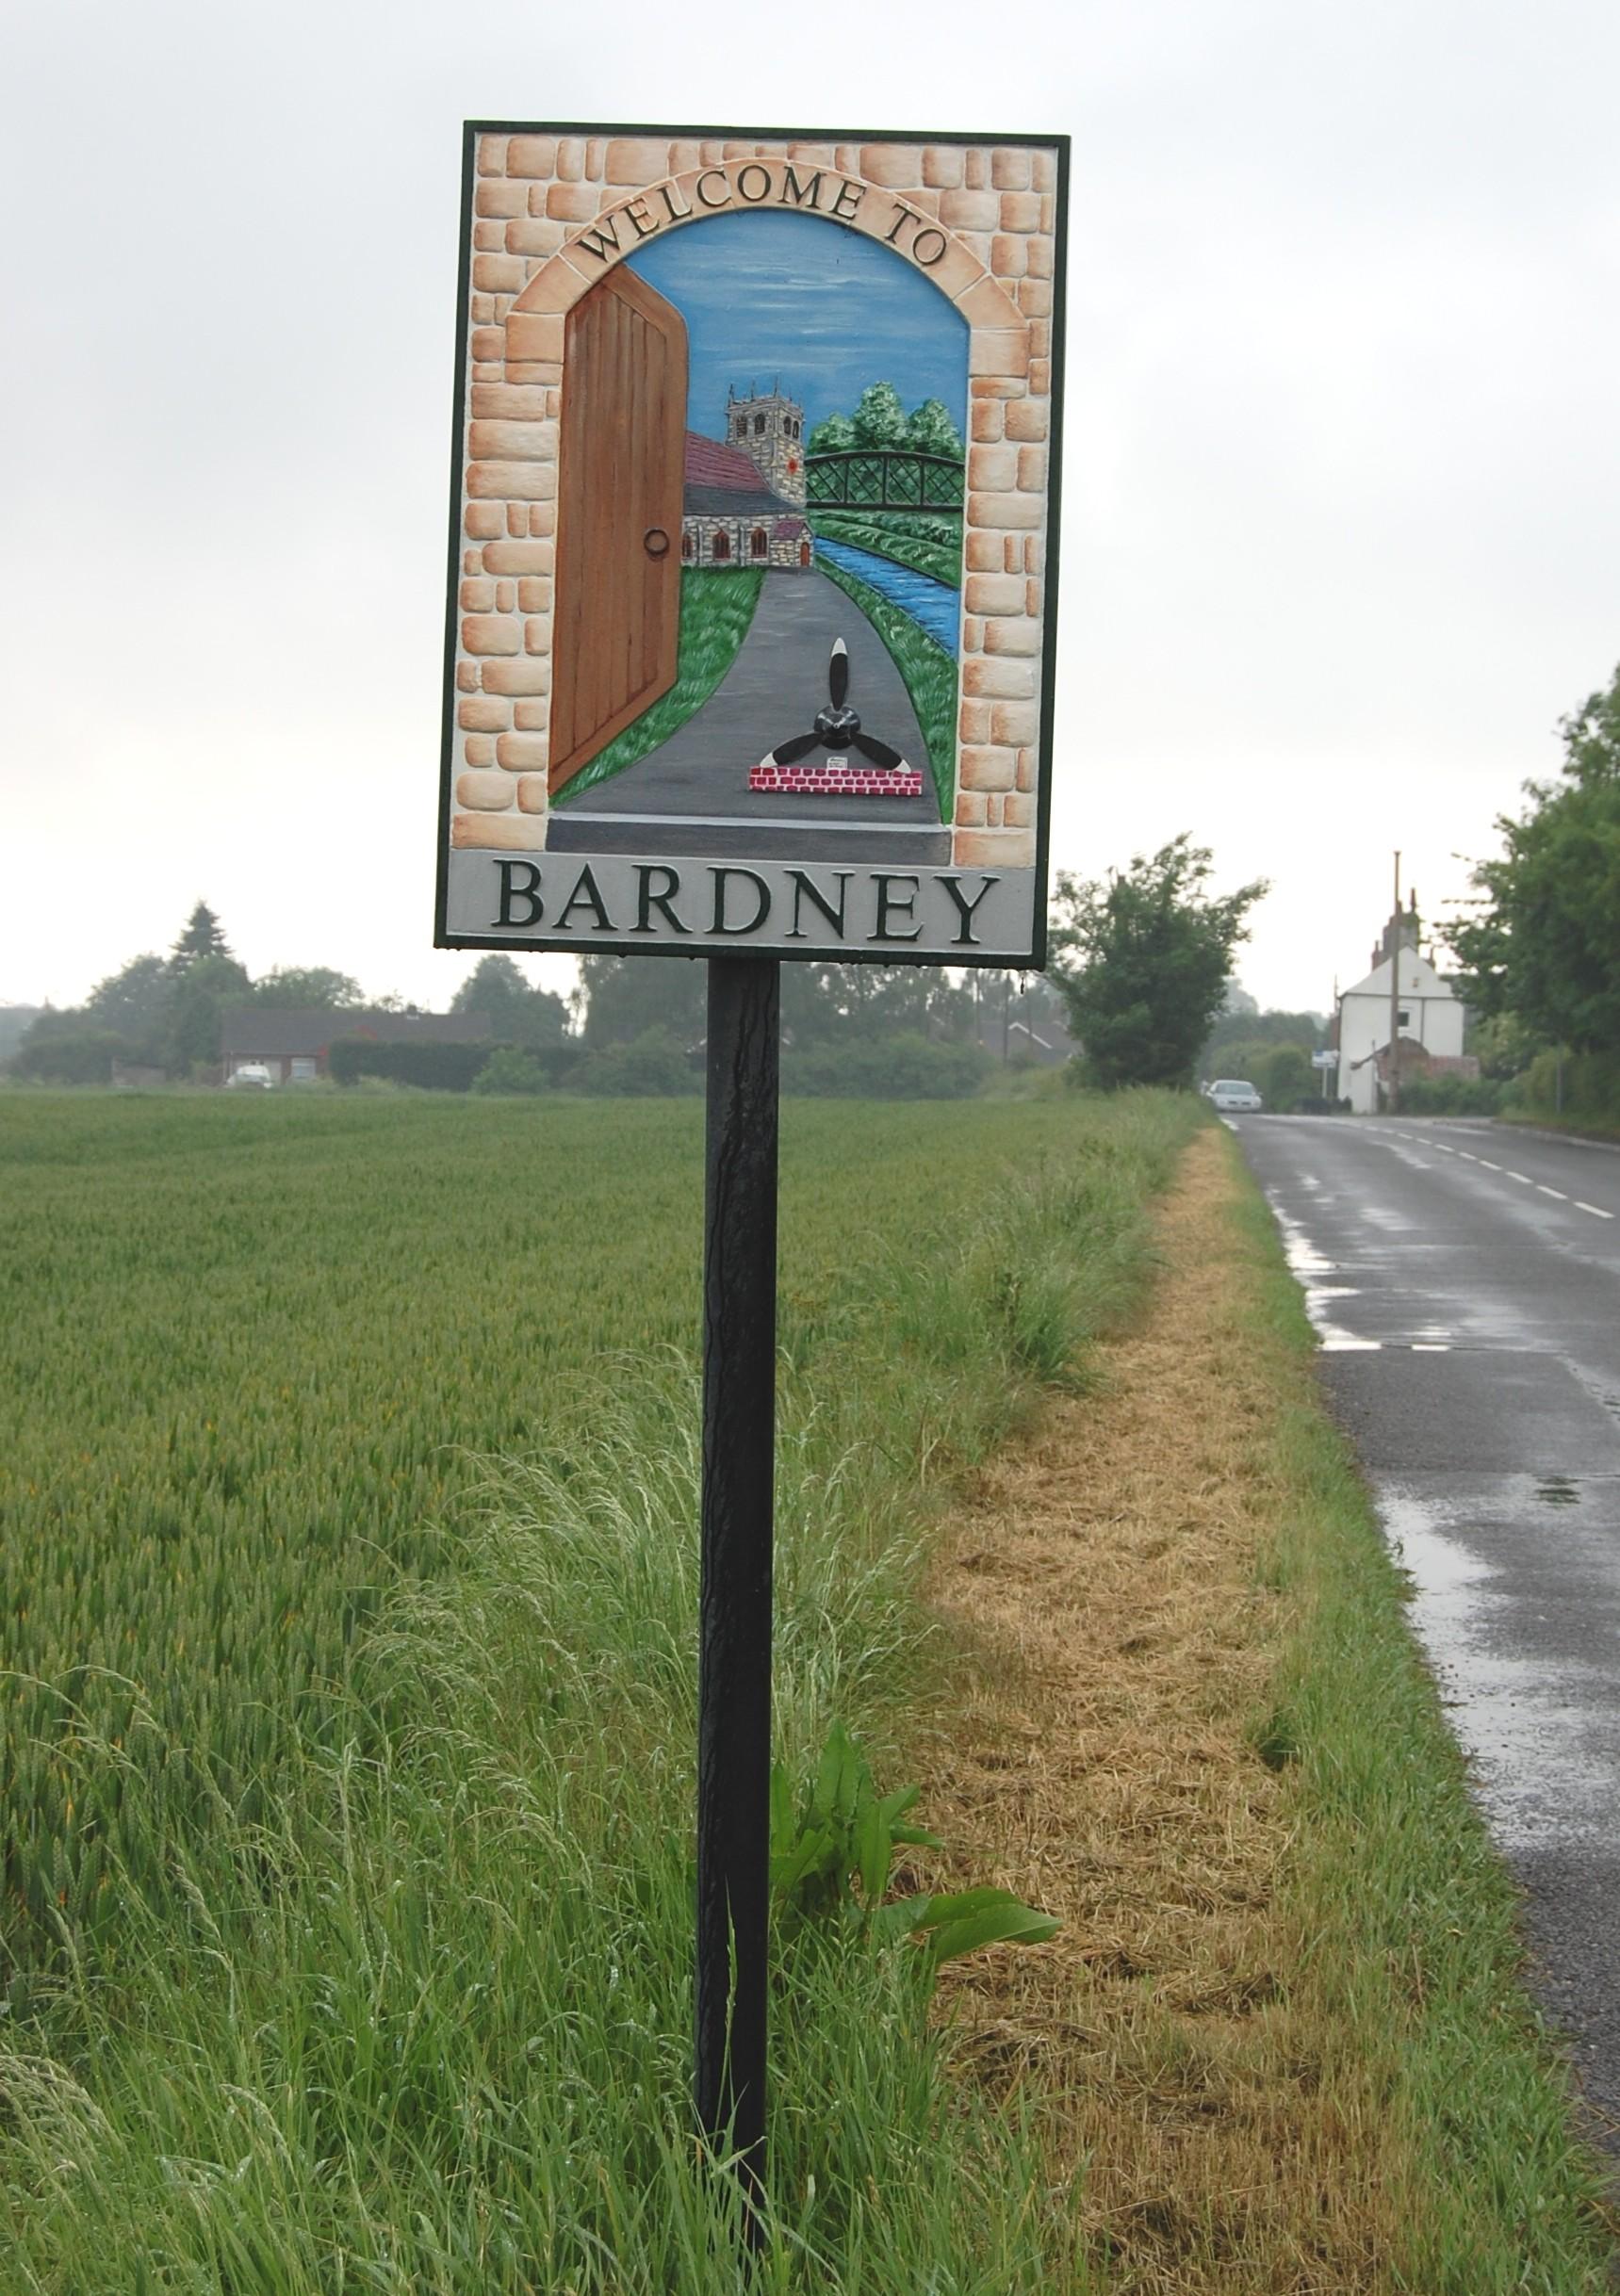 Bardney village sign